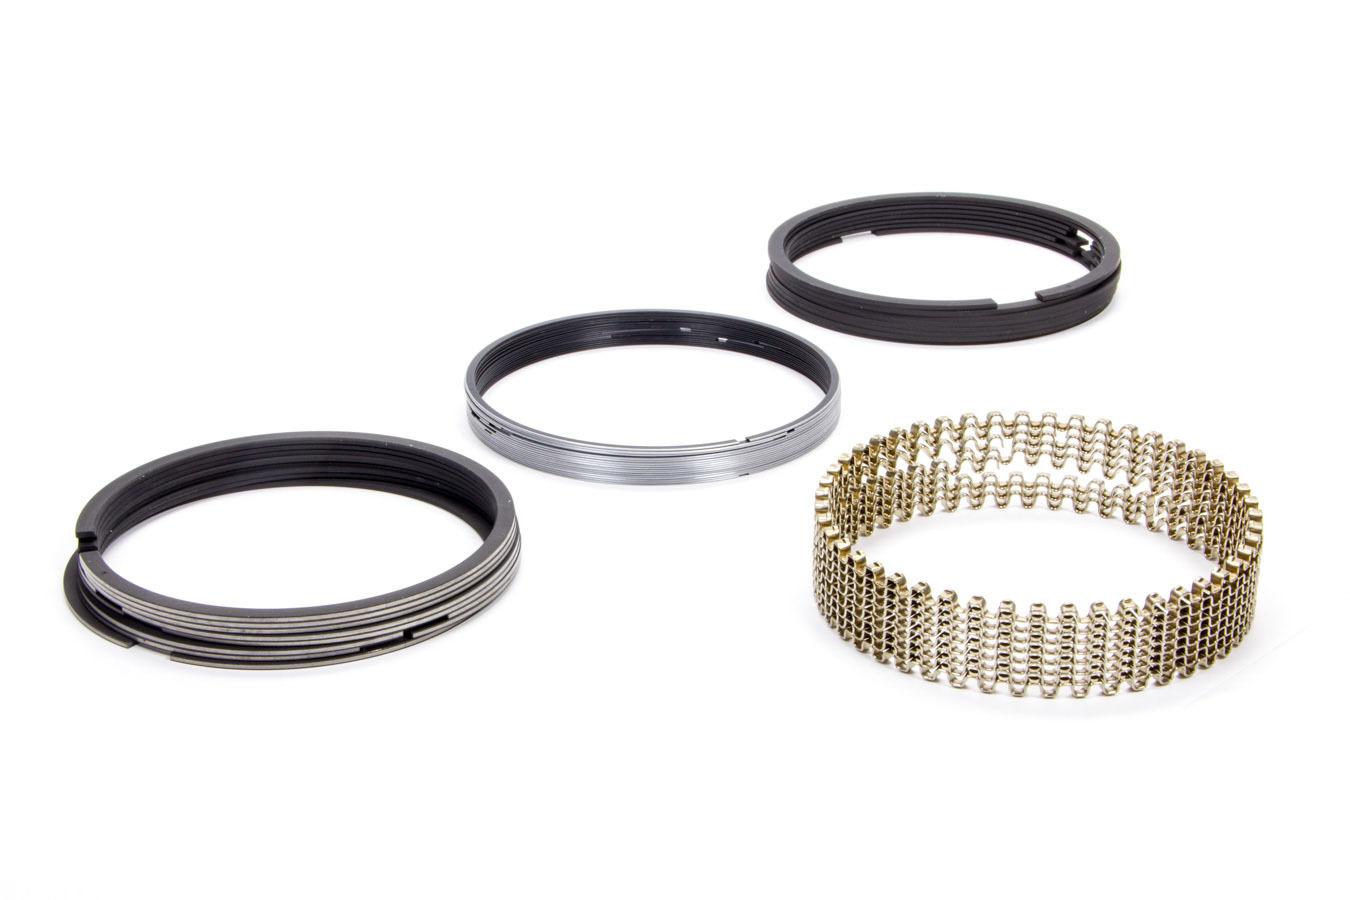 Piston Ring Set 4.000 1/16 1/16 3/16